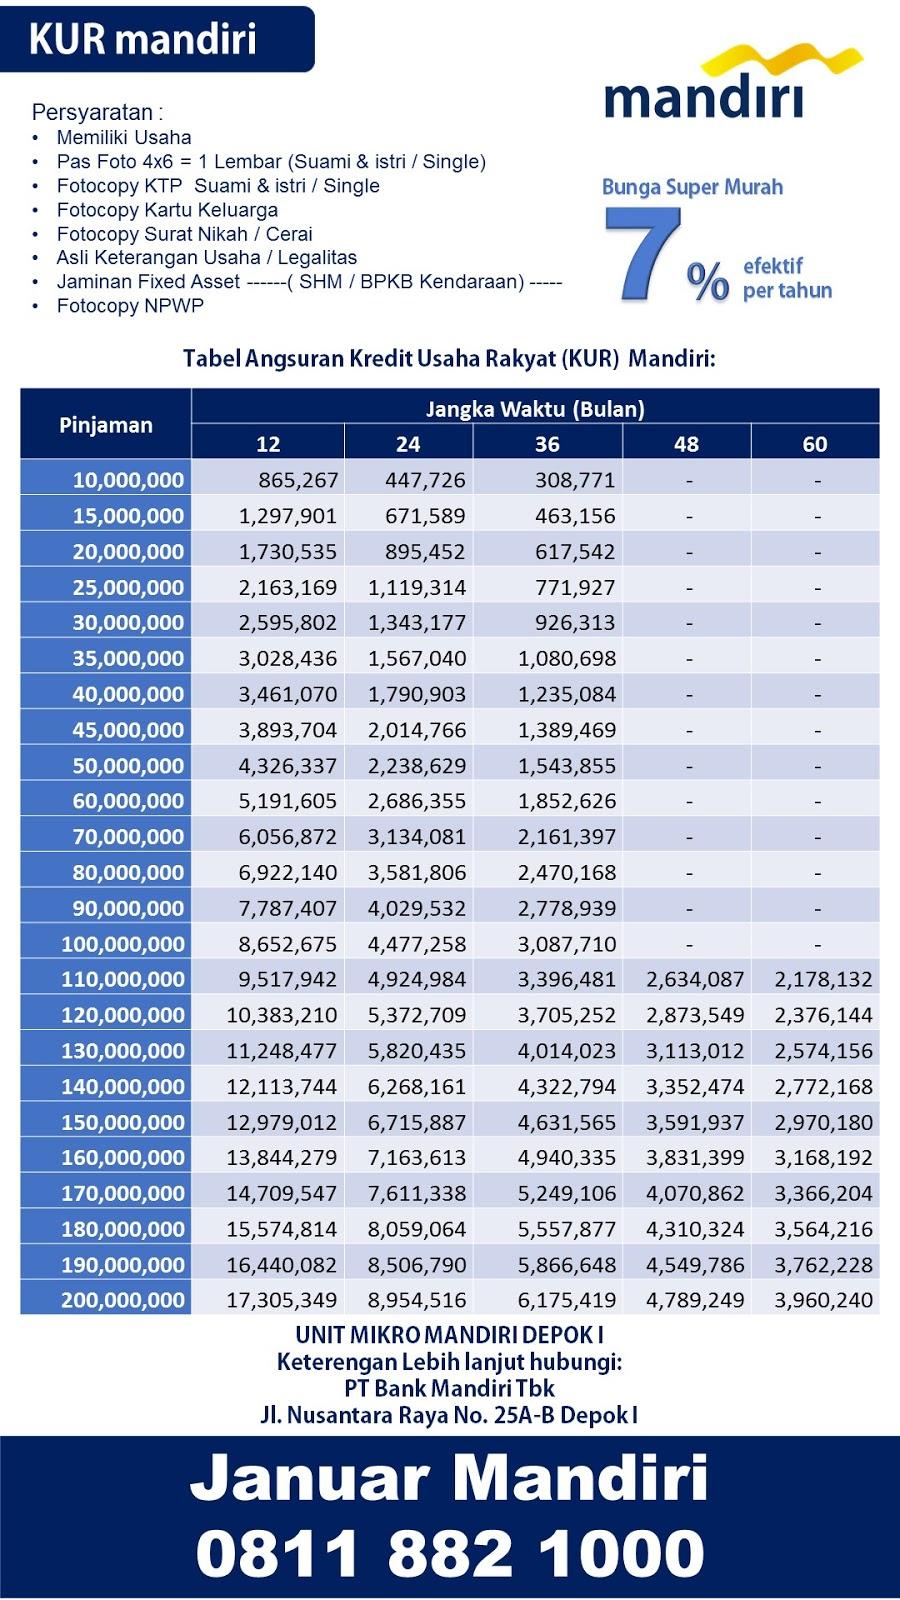 Tabel Angsuran Kur Mandiri : tabel, angsuran, mandiri, Tabel, Angsuran, Kredit, Usaha, Rakyat, (KUR), Mandiri, Pinjaman, Depok